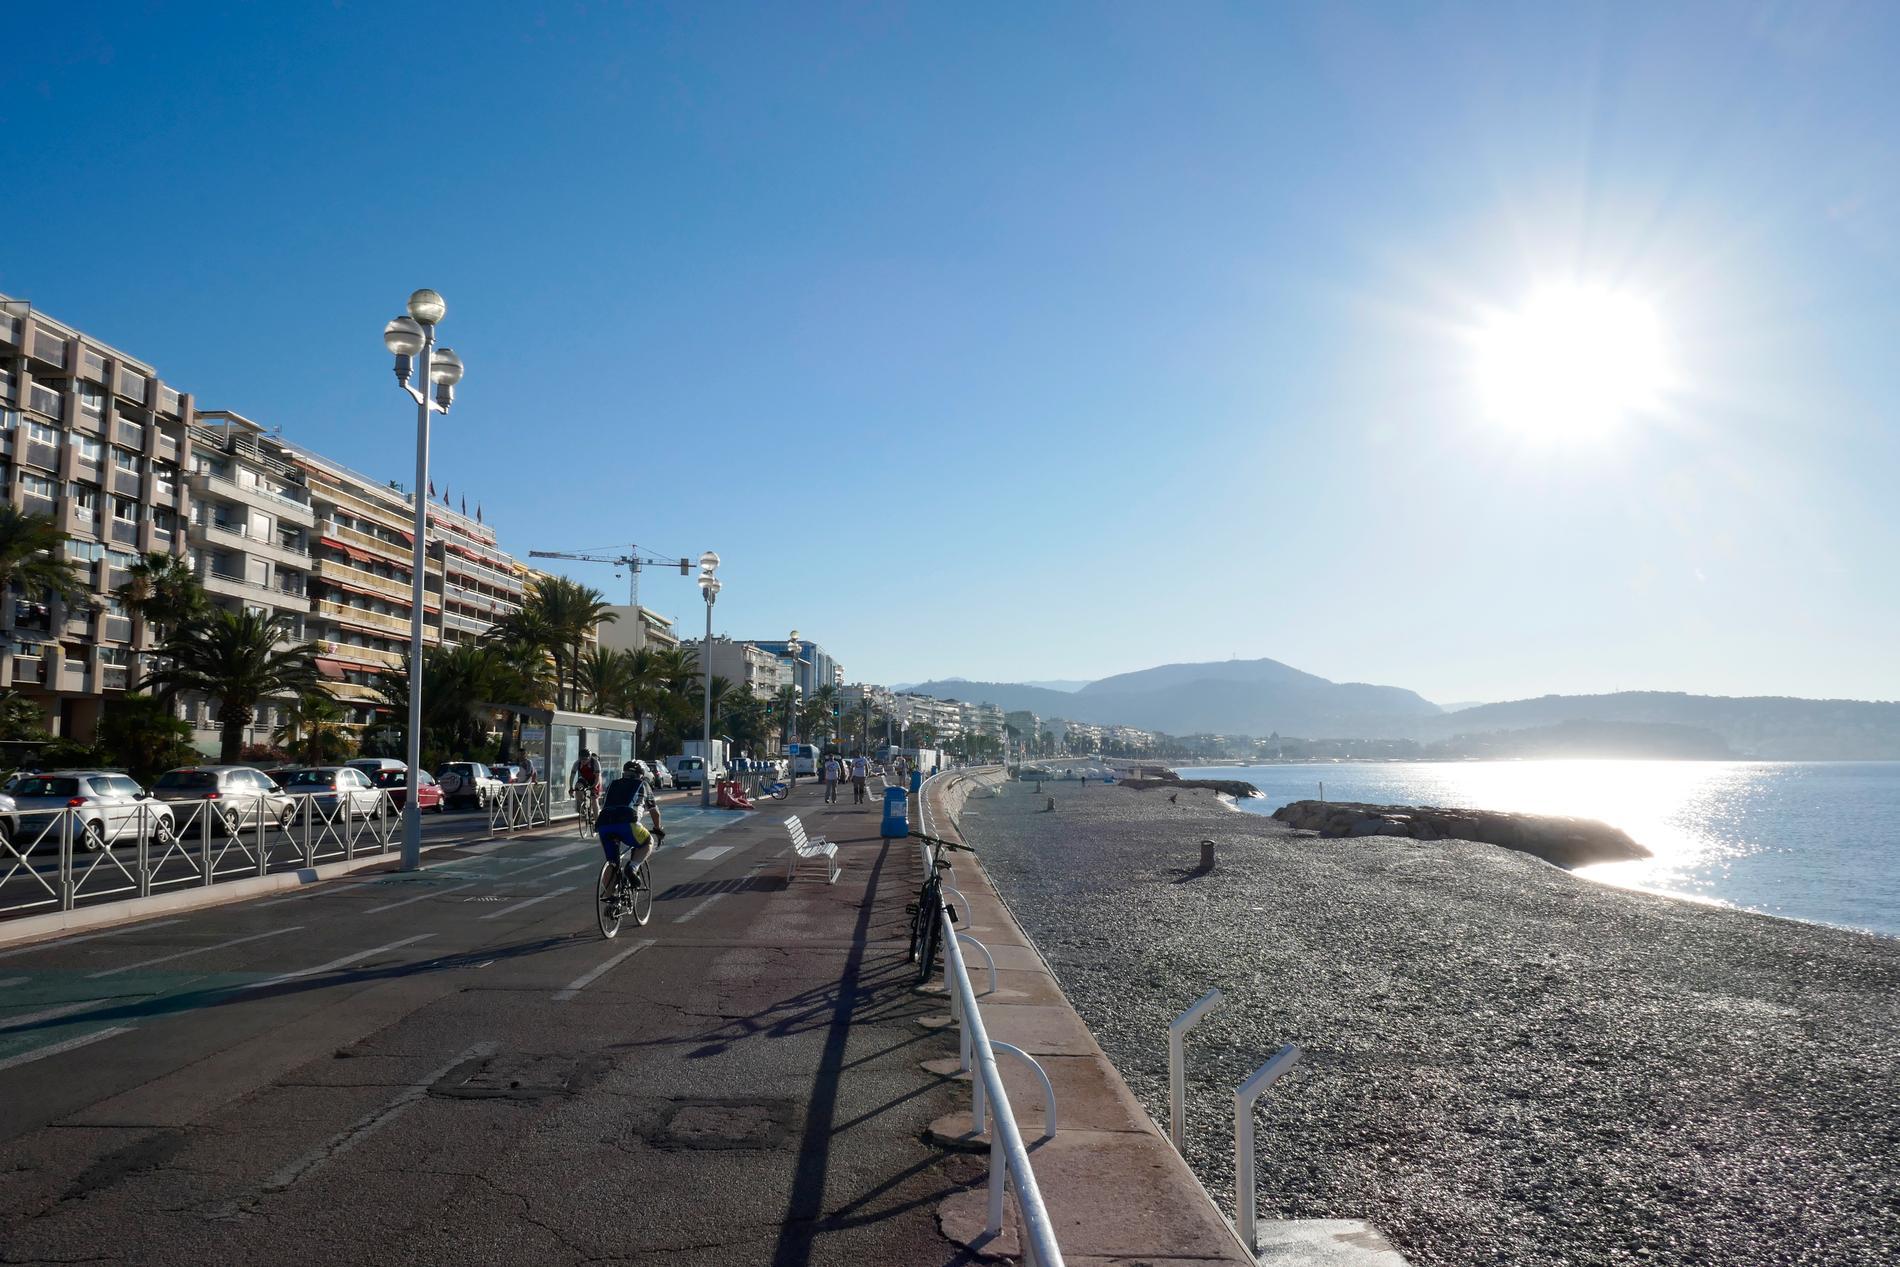 Strandpromenaden Promenade des Anglais i byen Nice på Rivieraen i Frankrike.